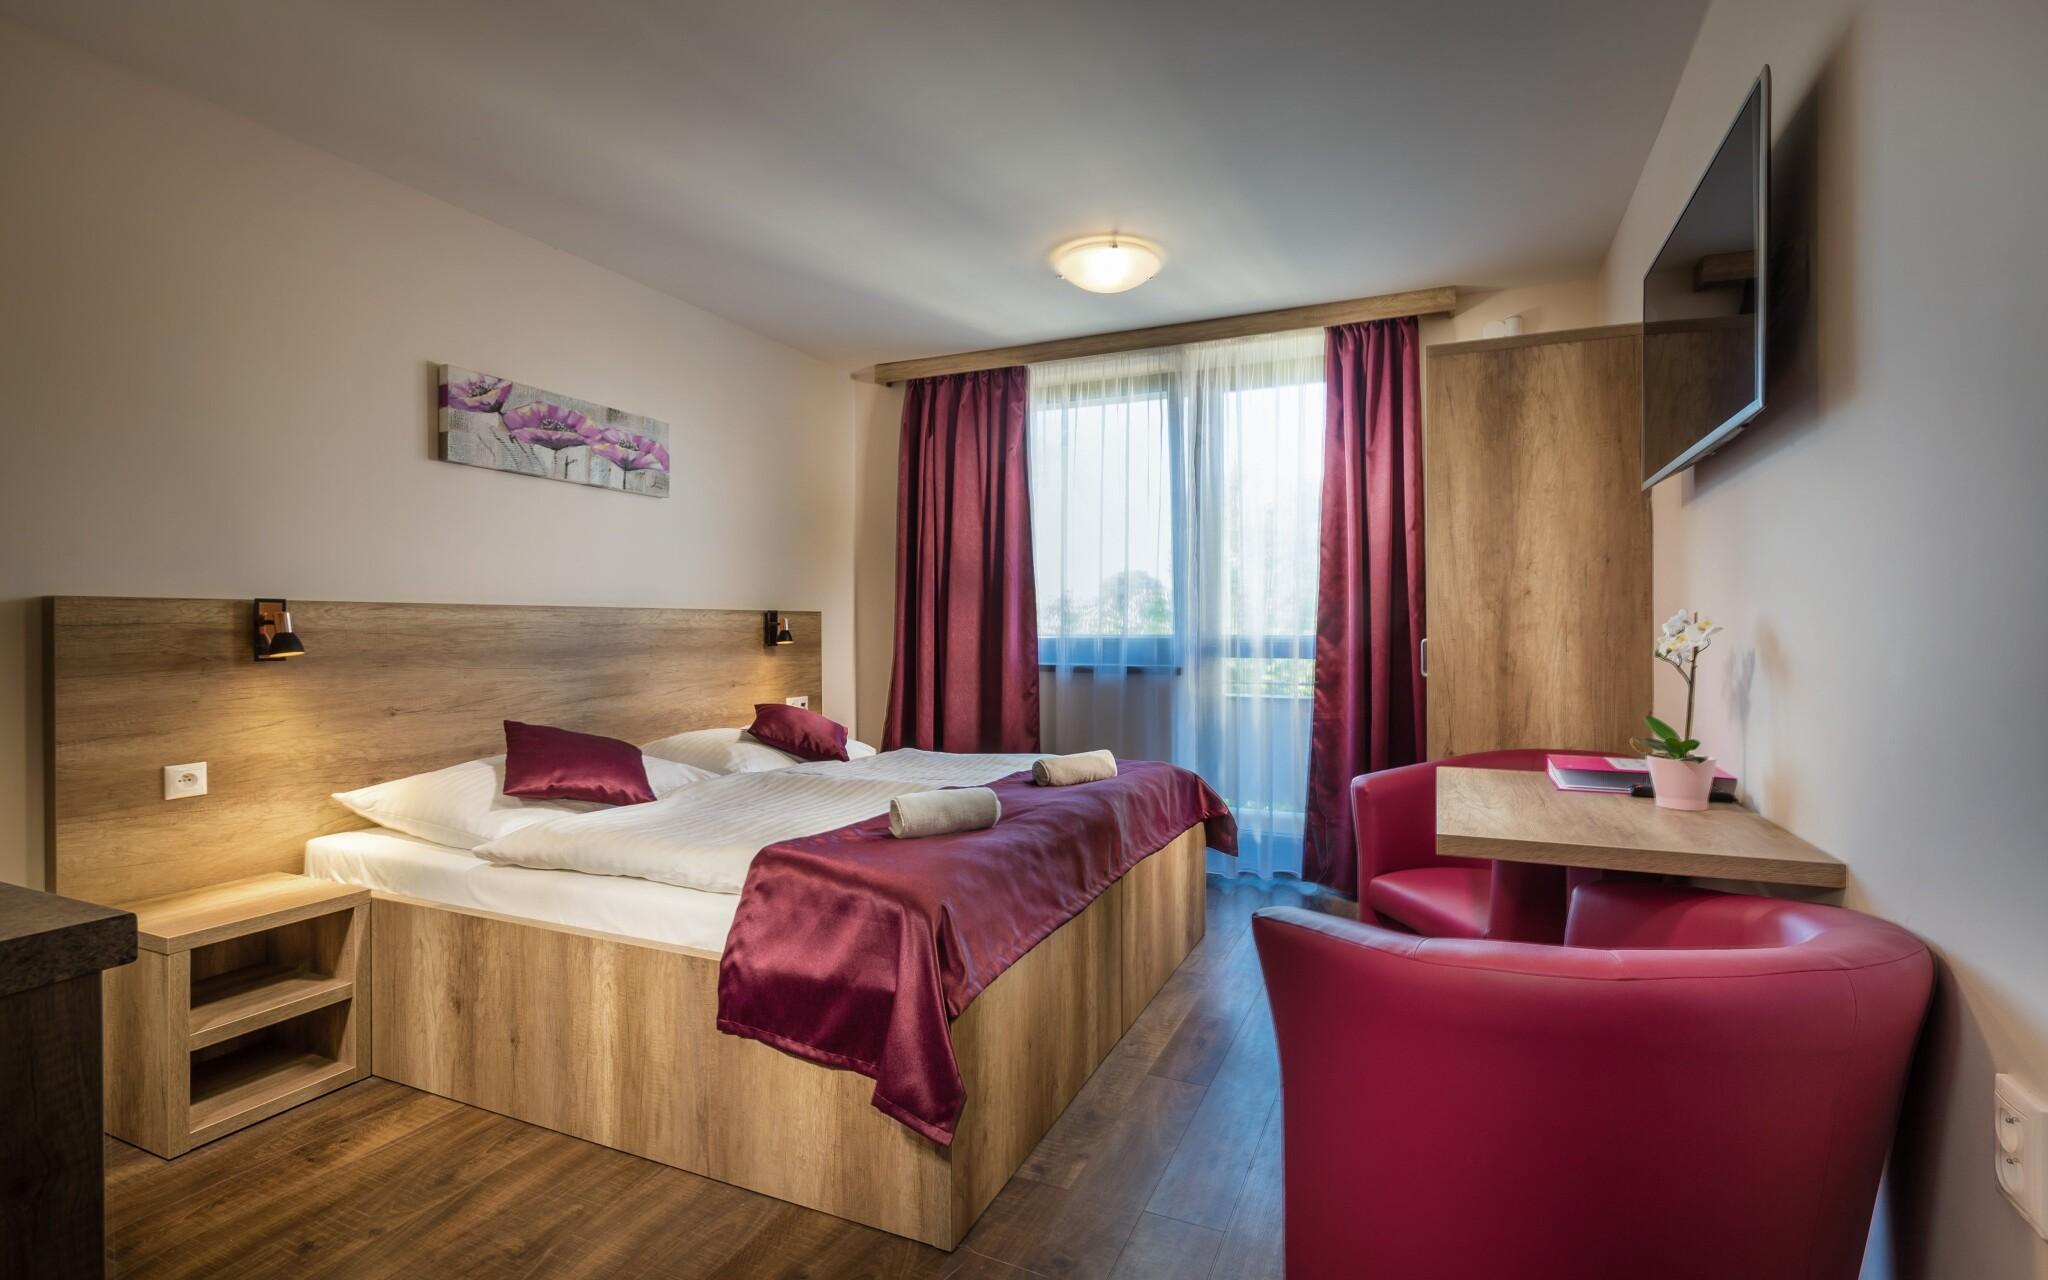 Užite si skvelý pobyt v úplne nových apartmánoch